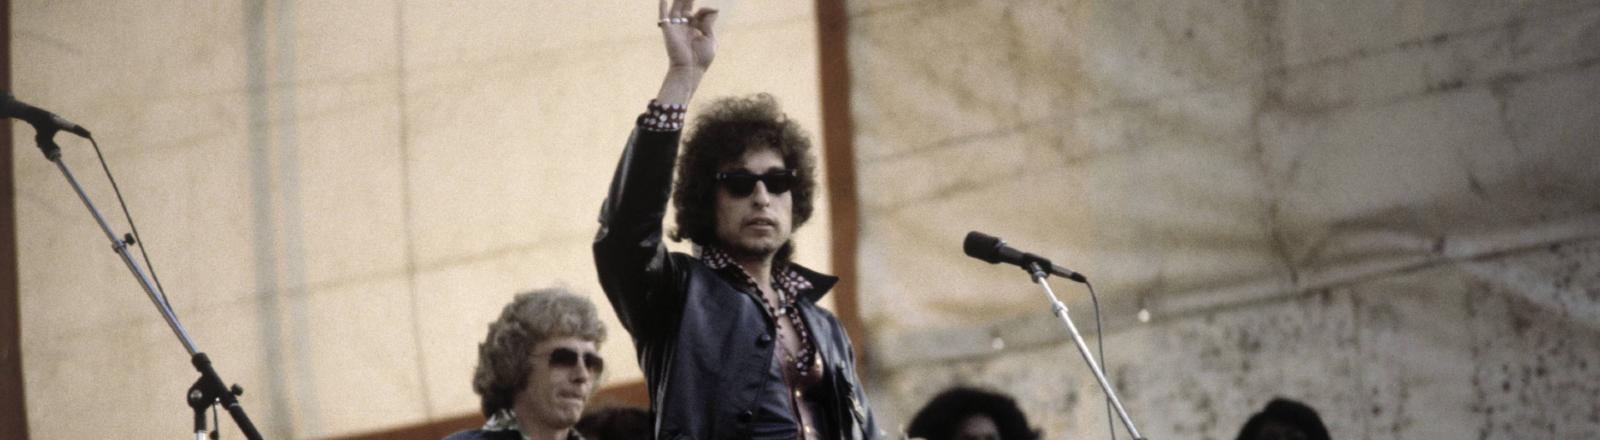 Bob Dylan mit Band bei einem Konzert in den 1980er Jahren.